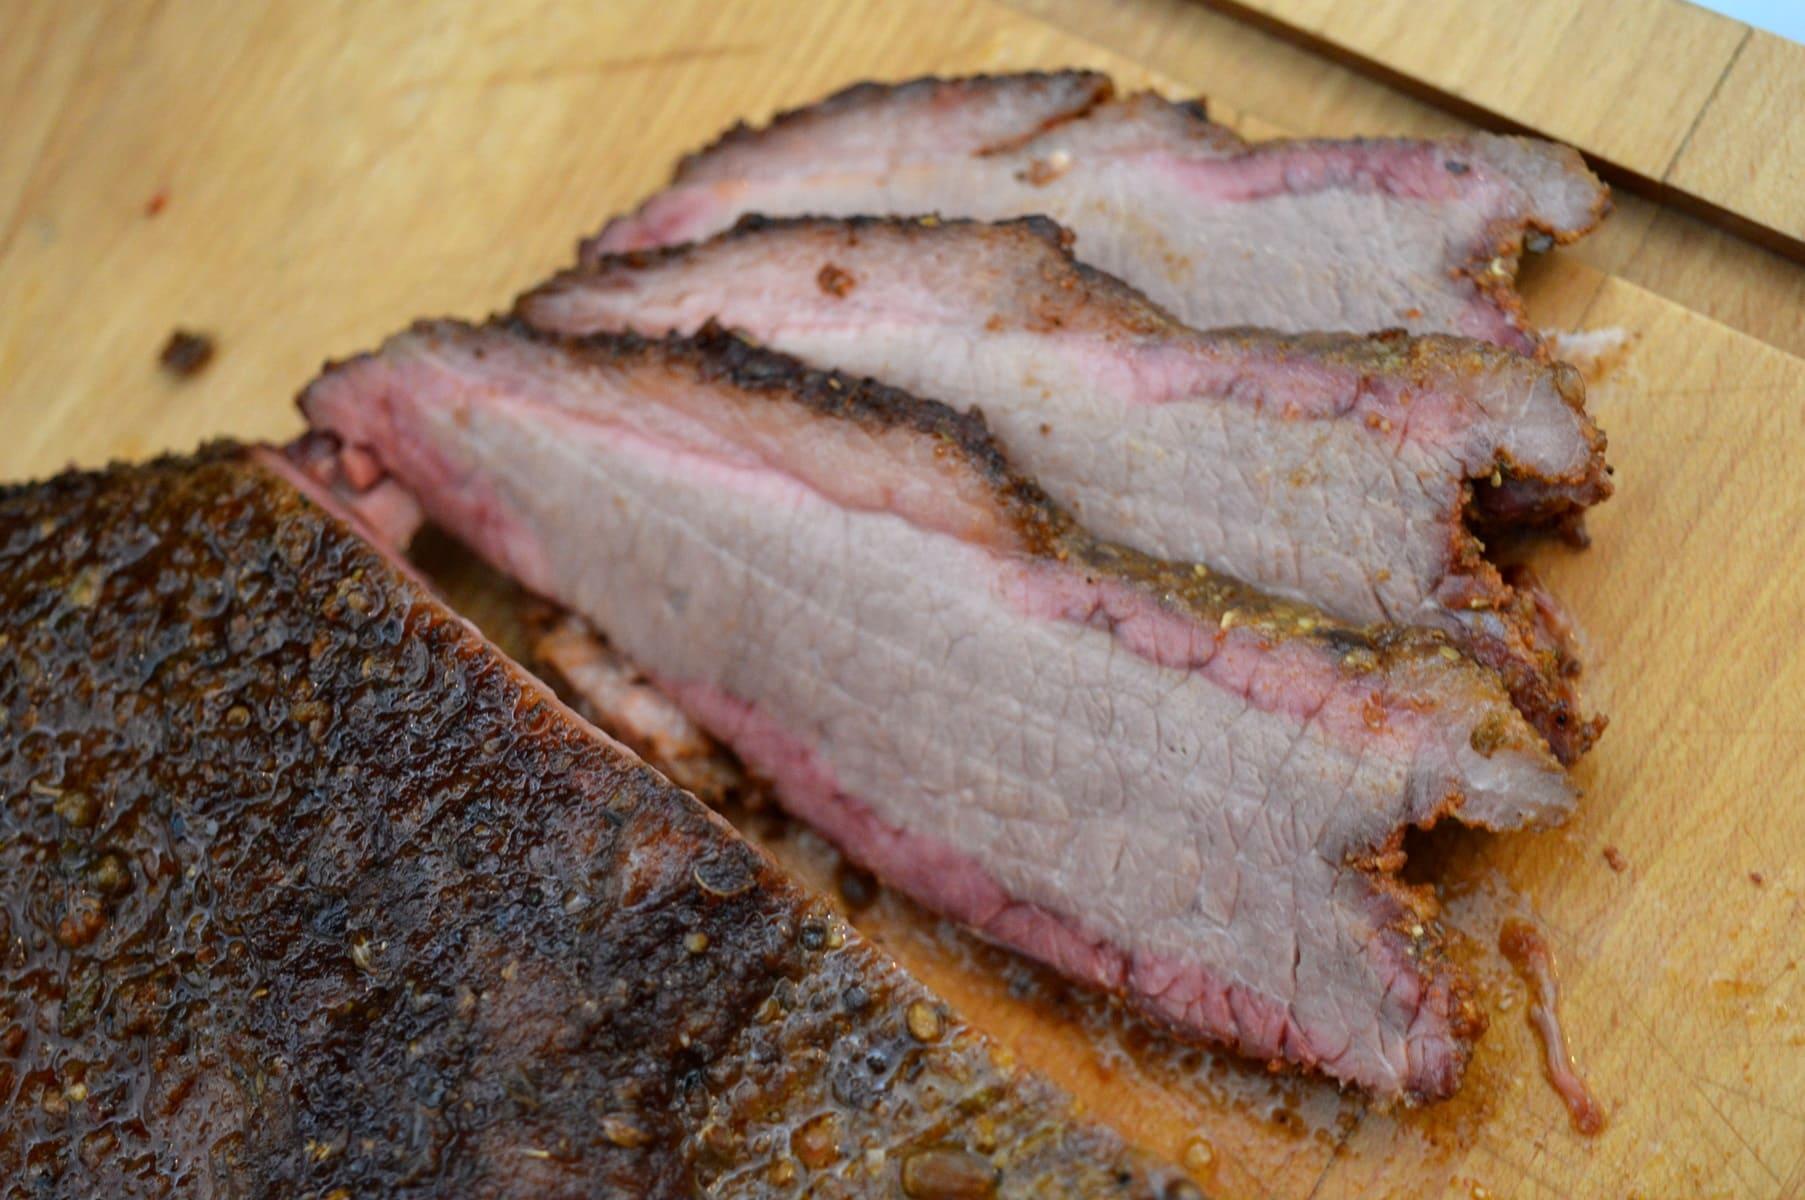 beef brisket im wsm watersmoker bacon zum steak. Black Bedroom Furniture Sets. Home Design Ideas